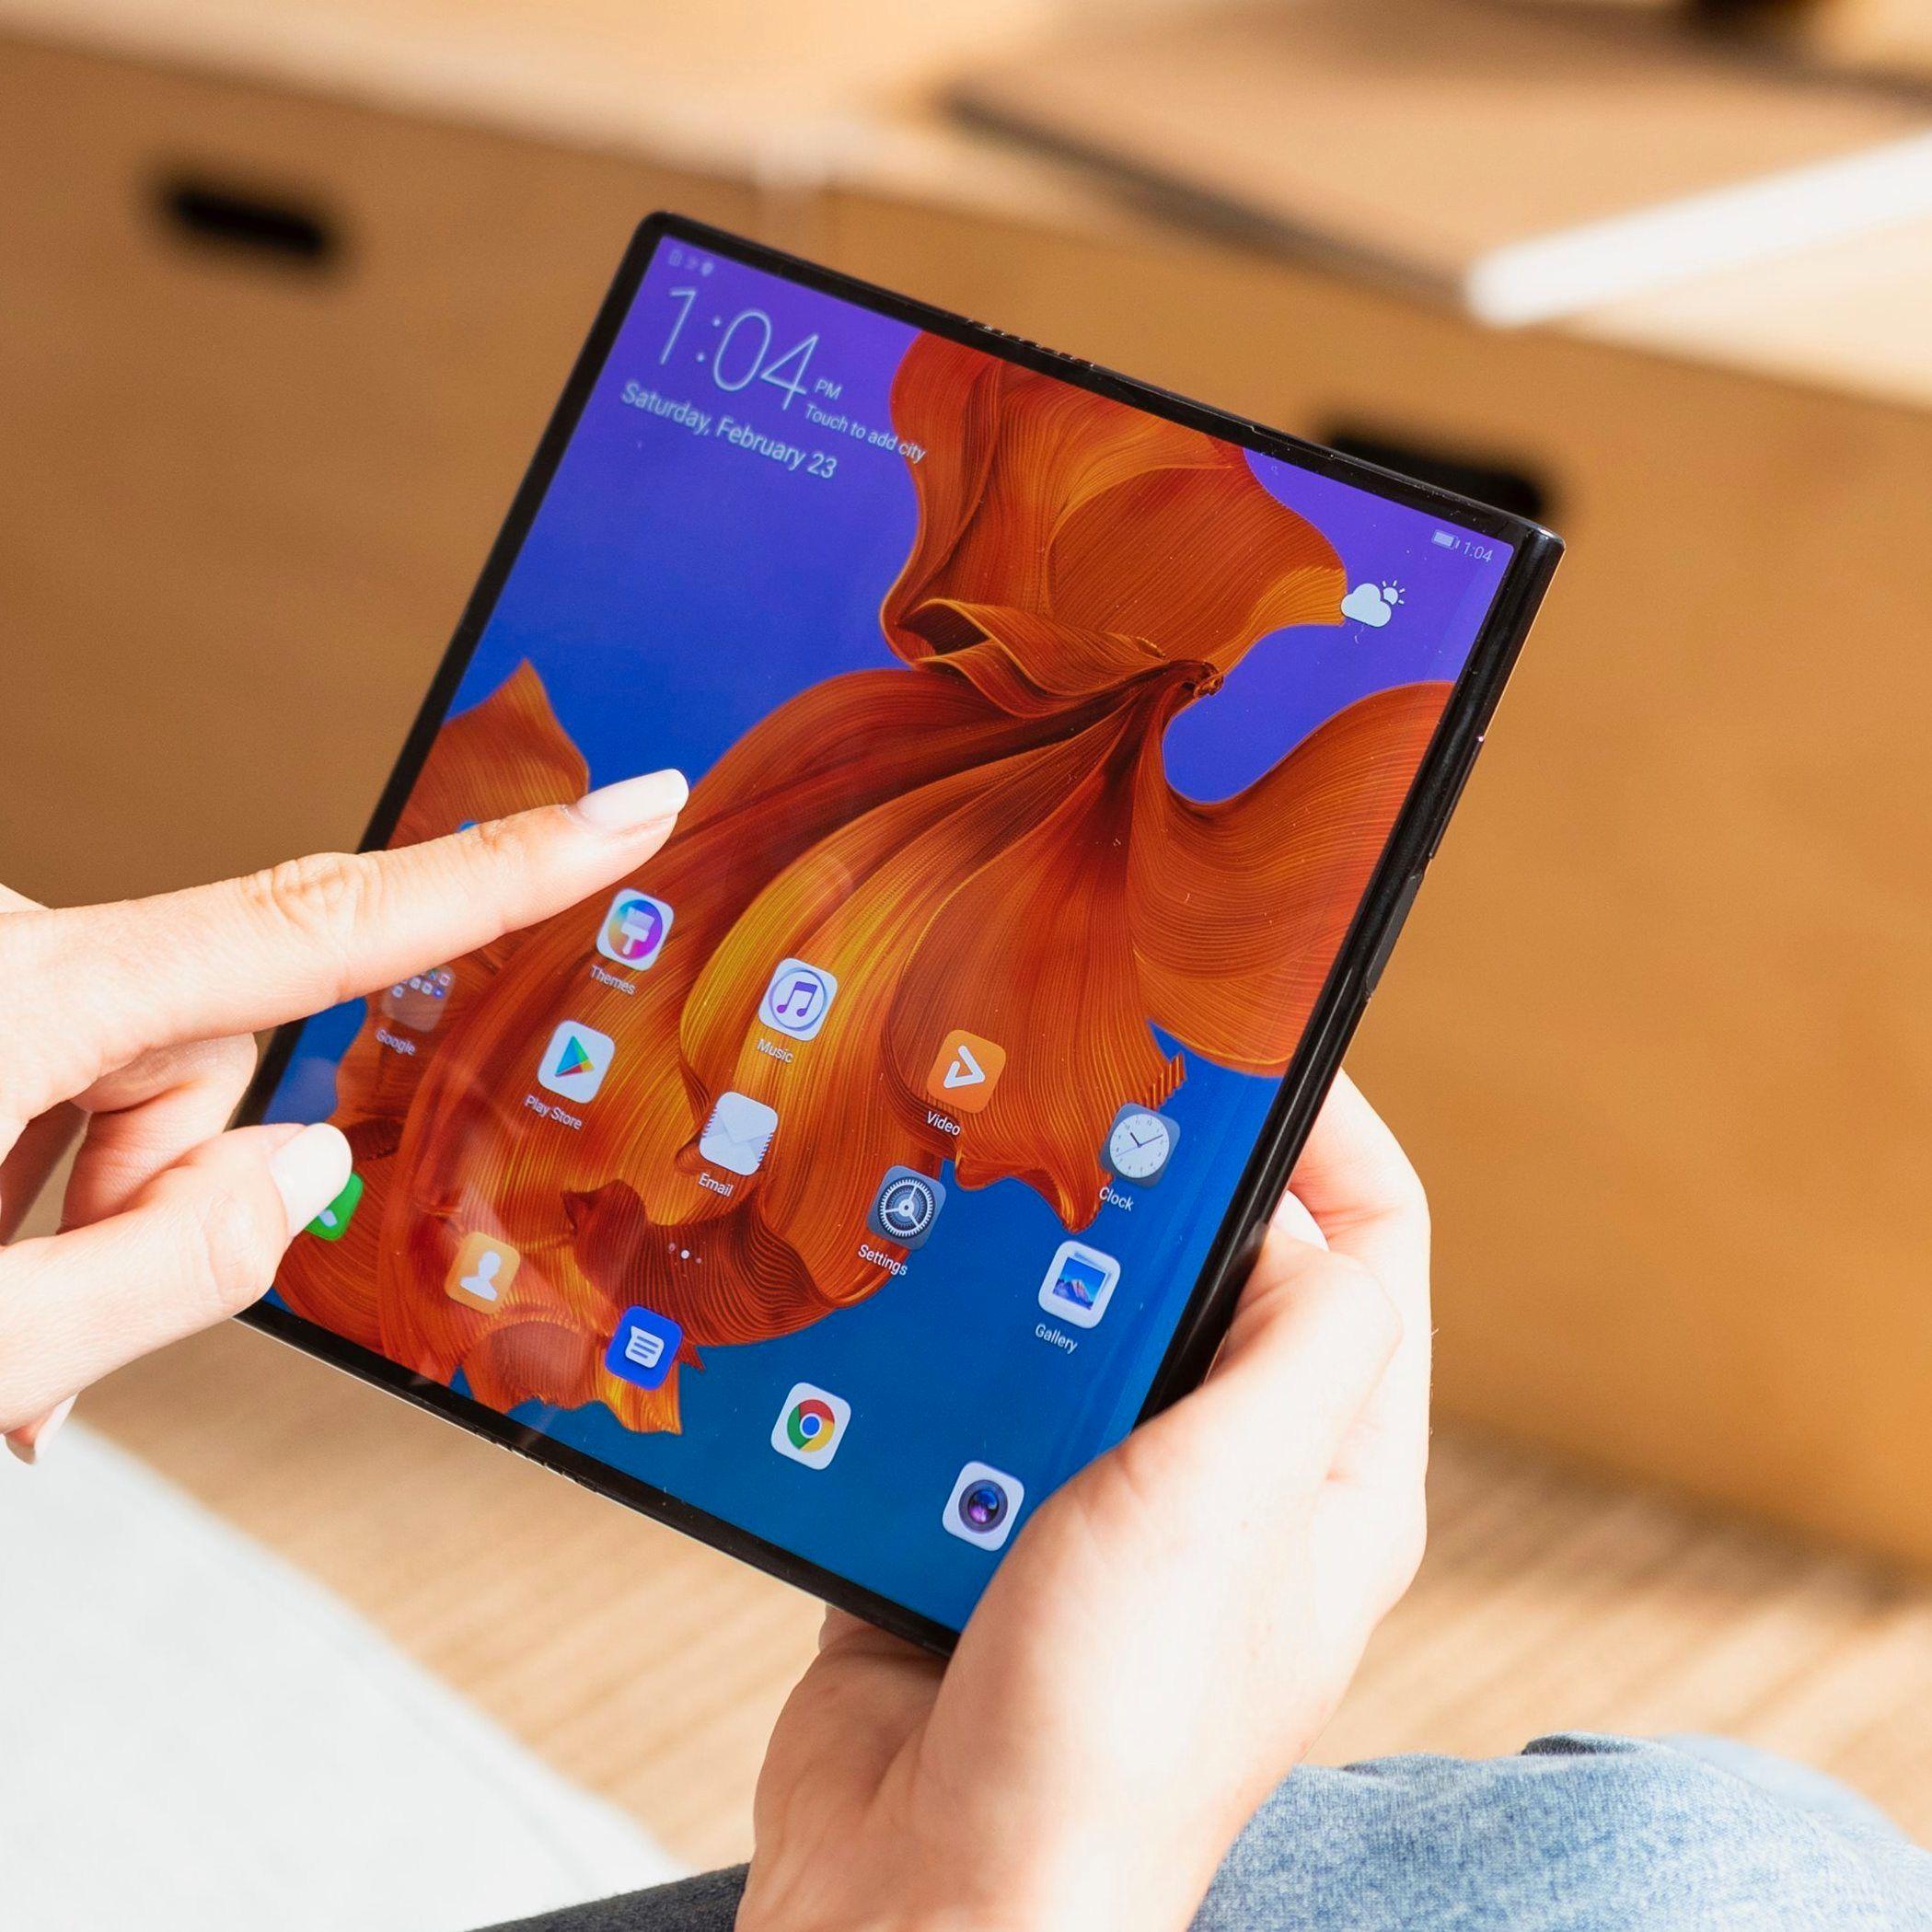 Huawei og Qualcomm skal levere mobilene som brukes i testnettet. Her er nylanserte Mate X som kommer med støtte for 5G i løpet av året.